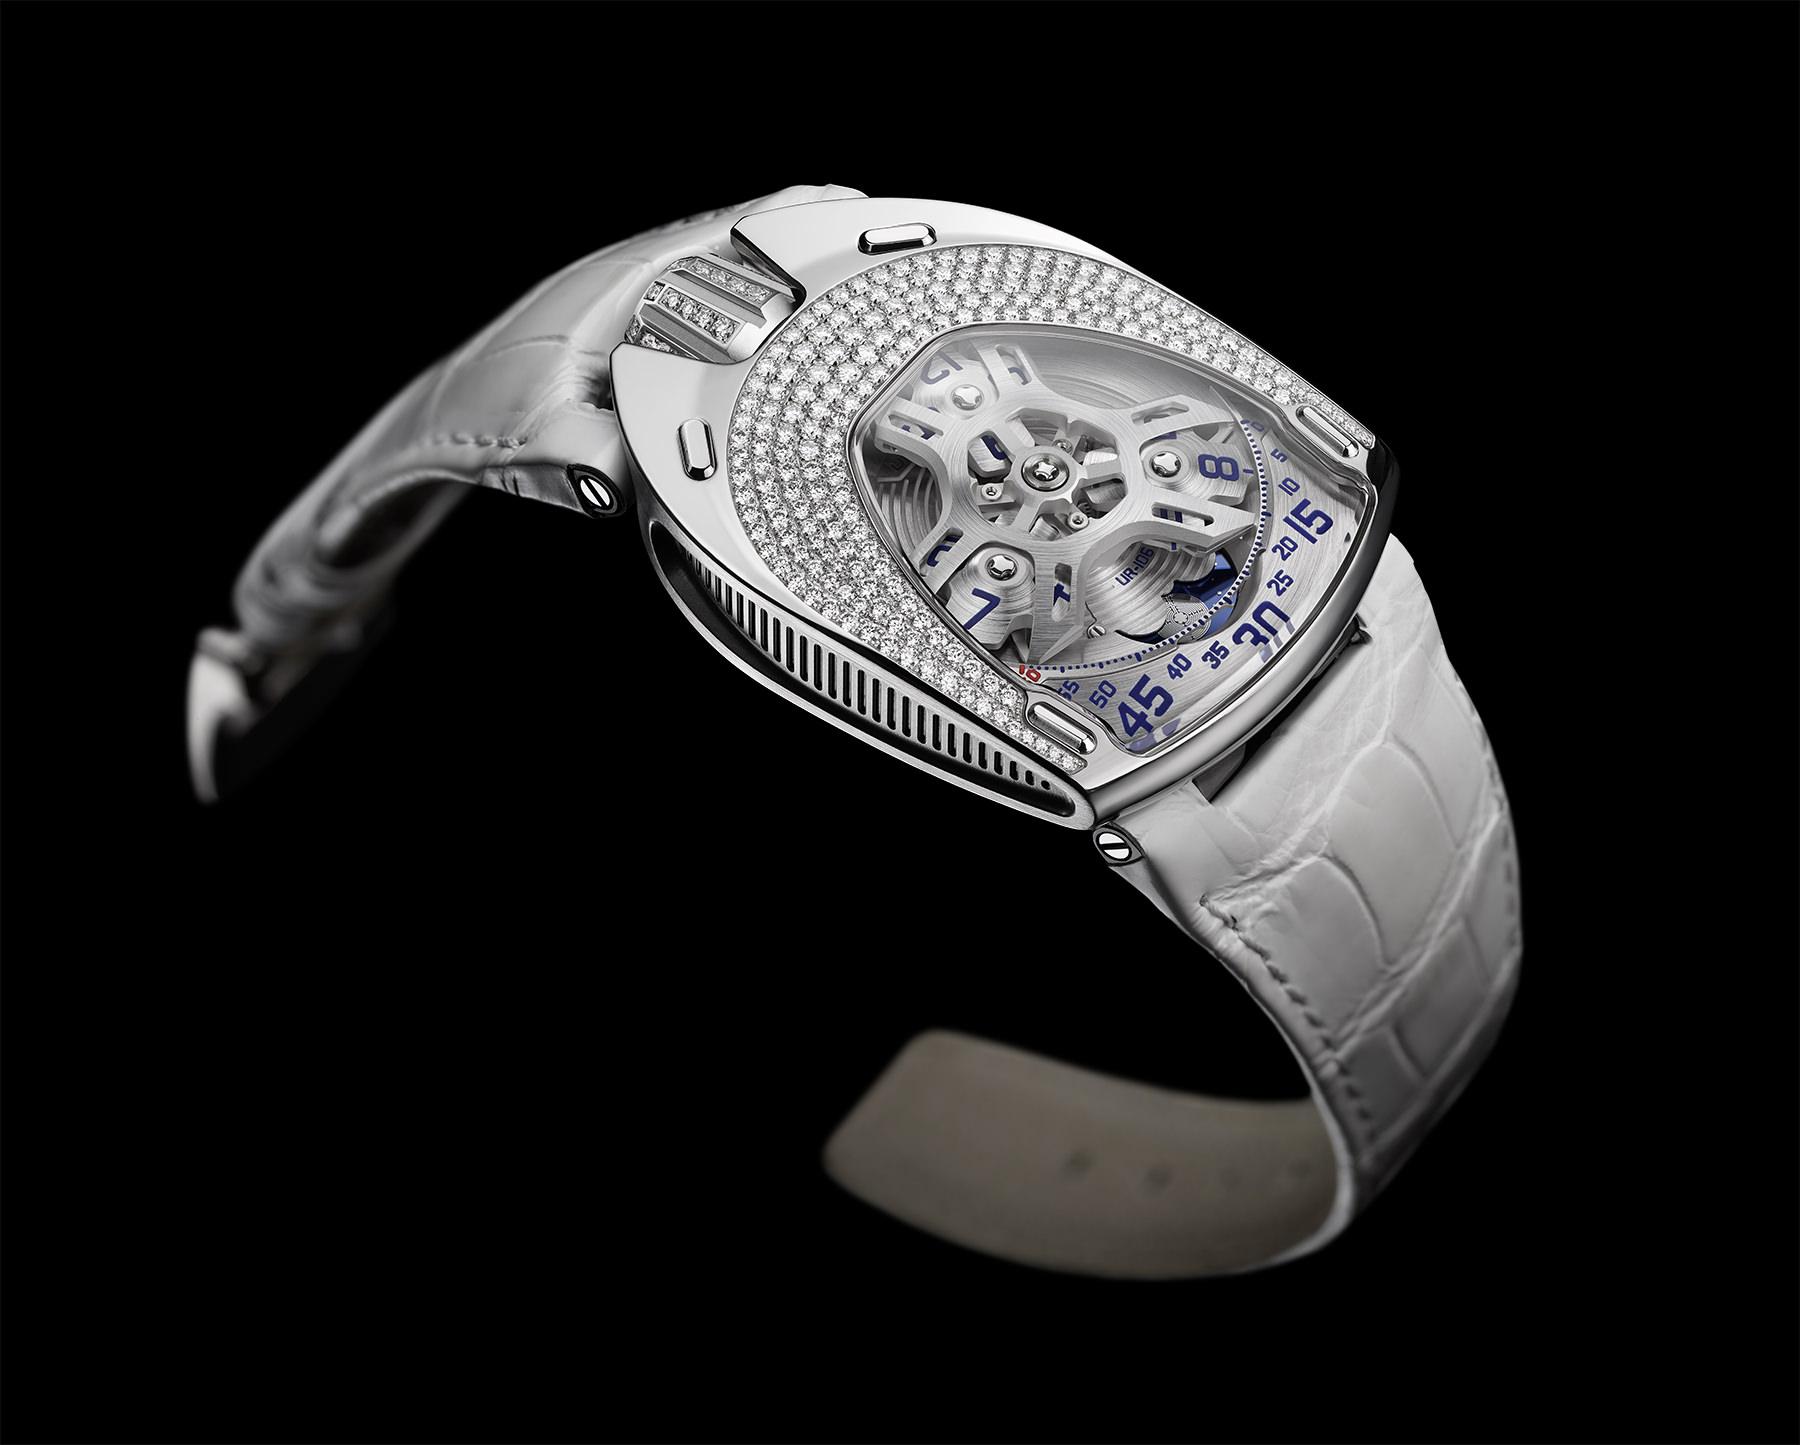 Die UR-106 White Diamonds aus Stahl und Titan mit weißen Diamanten war die zweite in der Reihe.